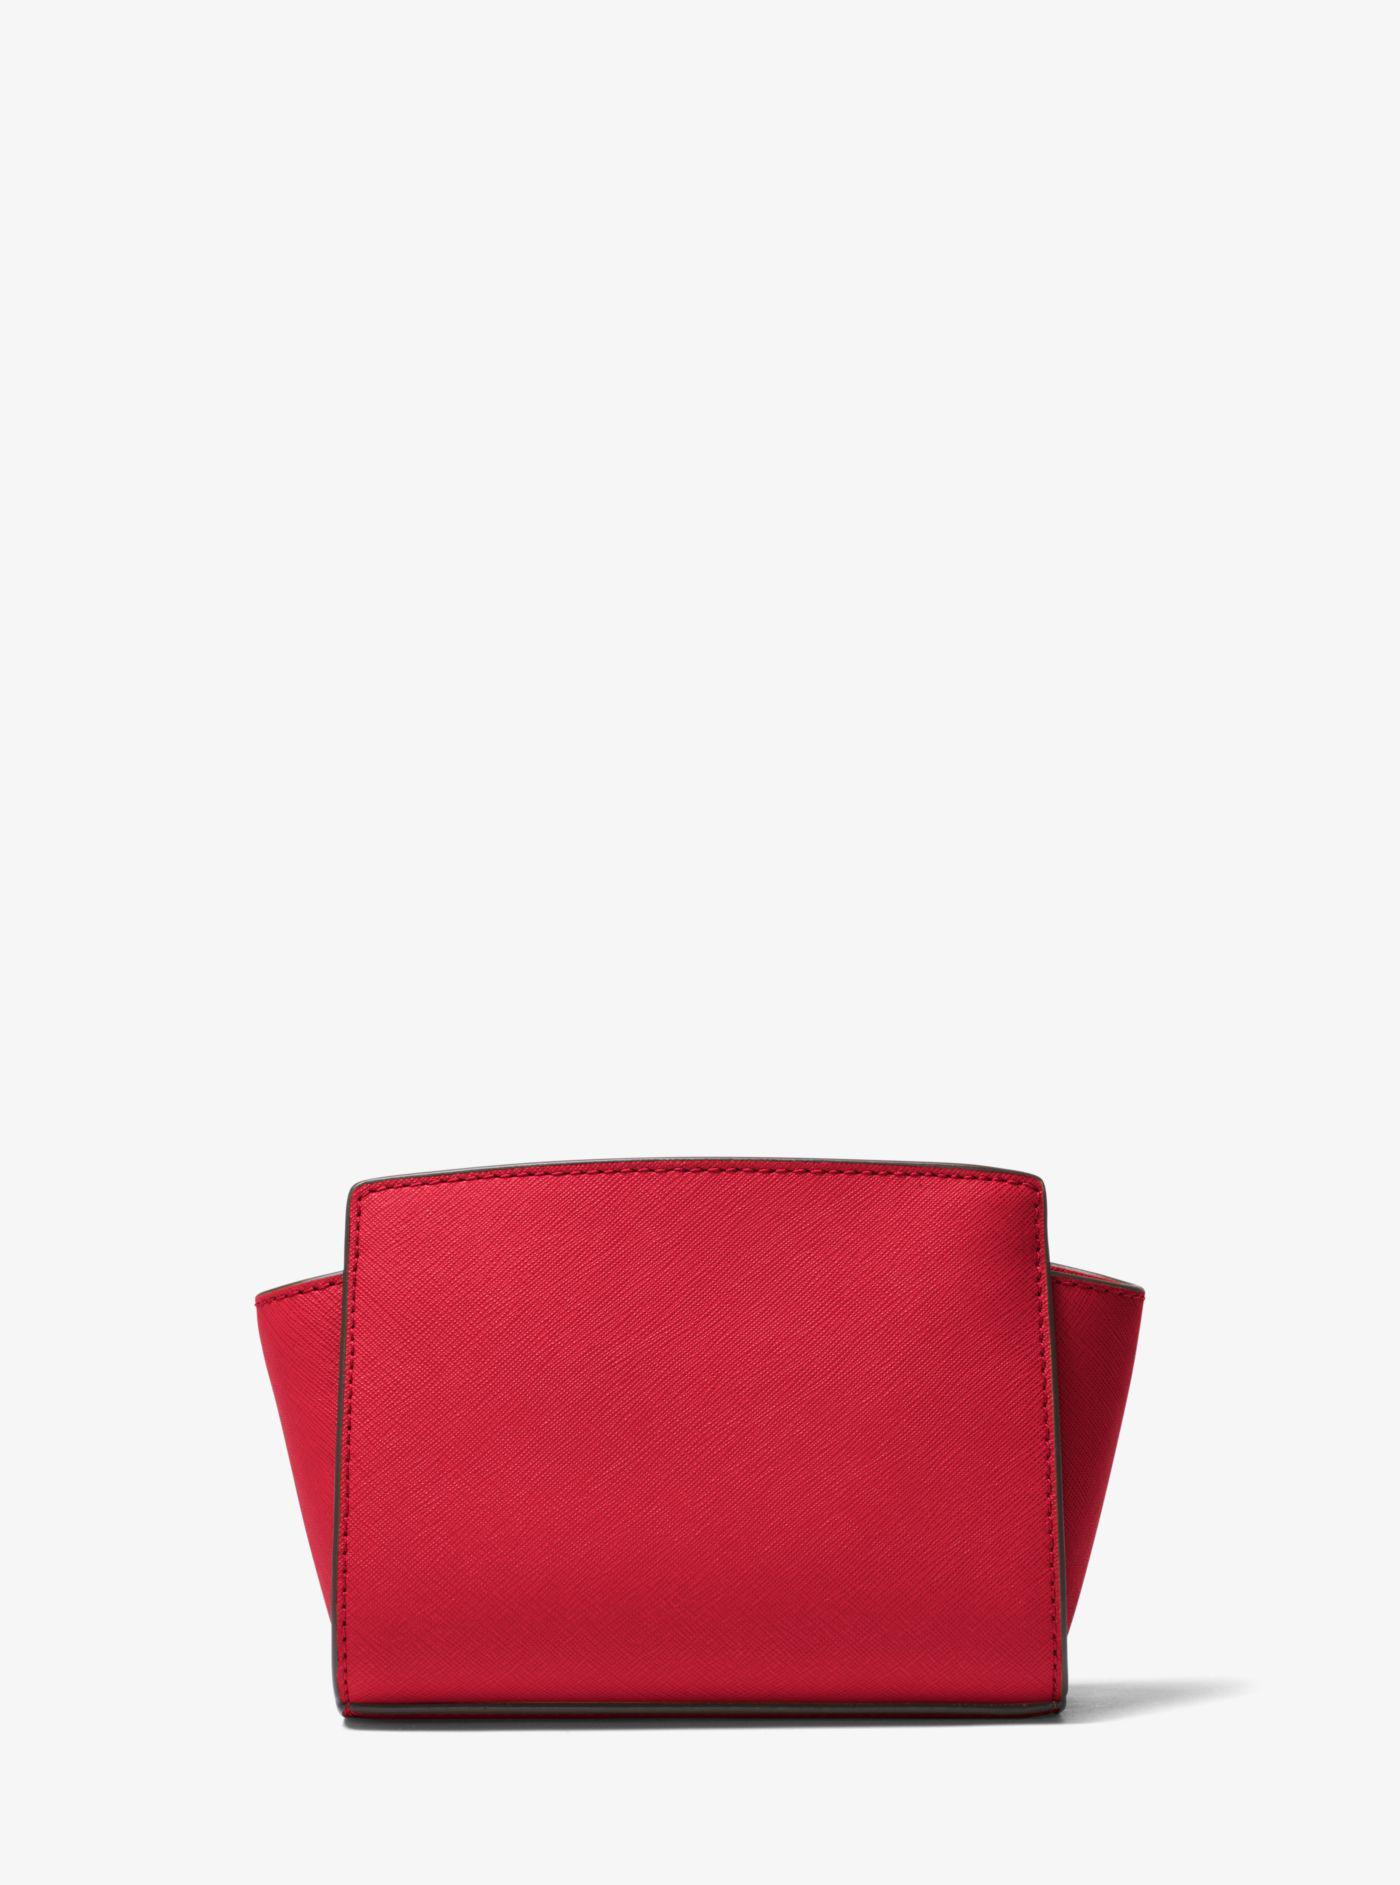 83f18b0b7ad9 Michael Kors Selma Mini Saffiano Leather Crossbody in Red - Lyst